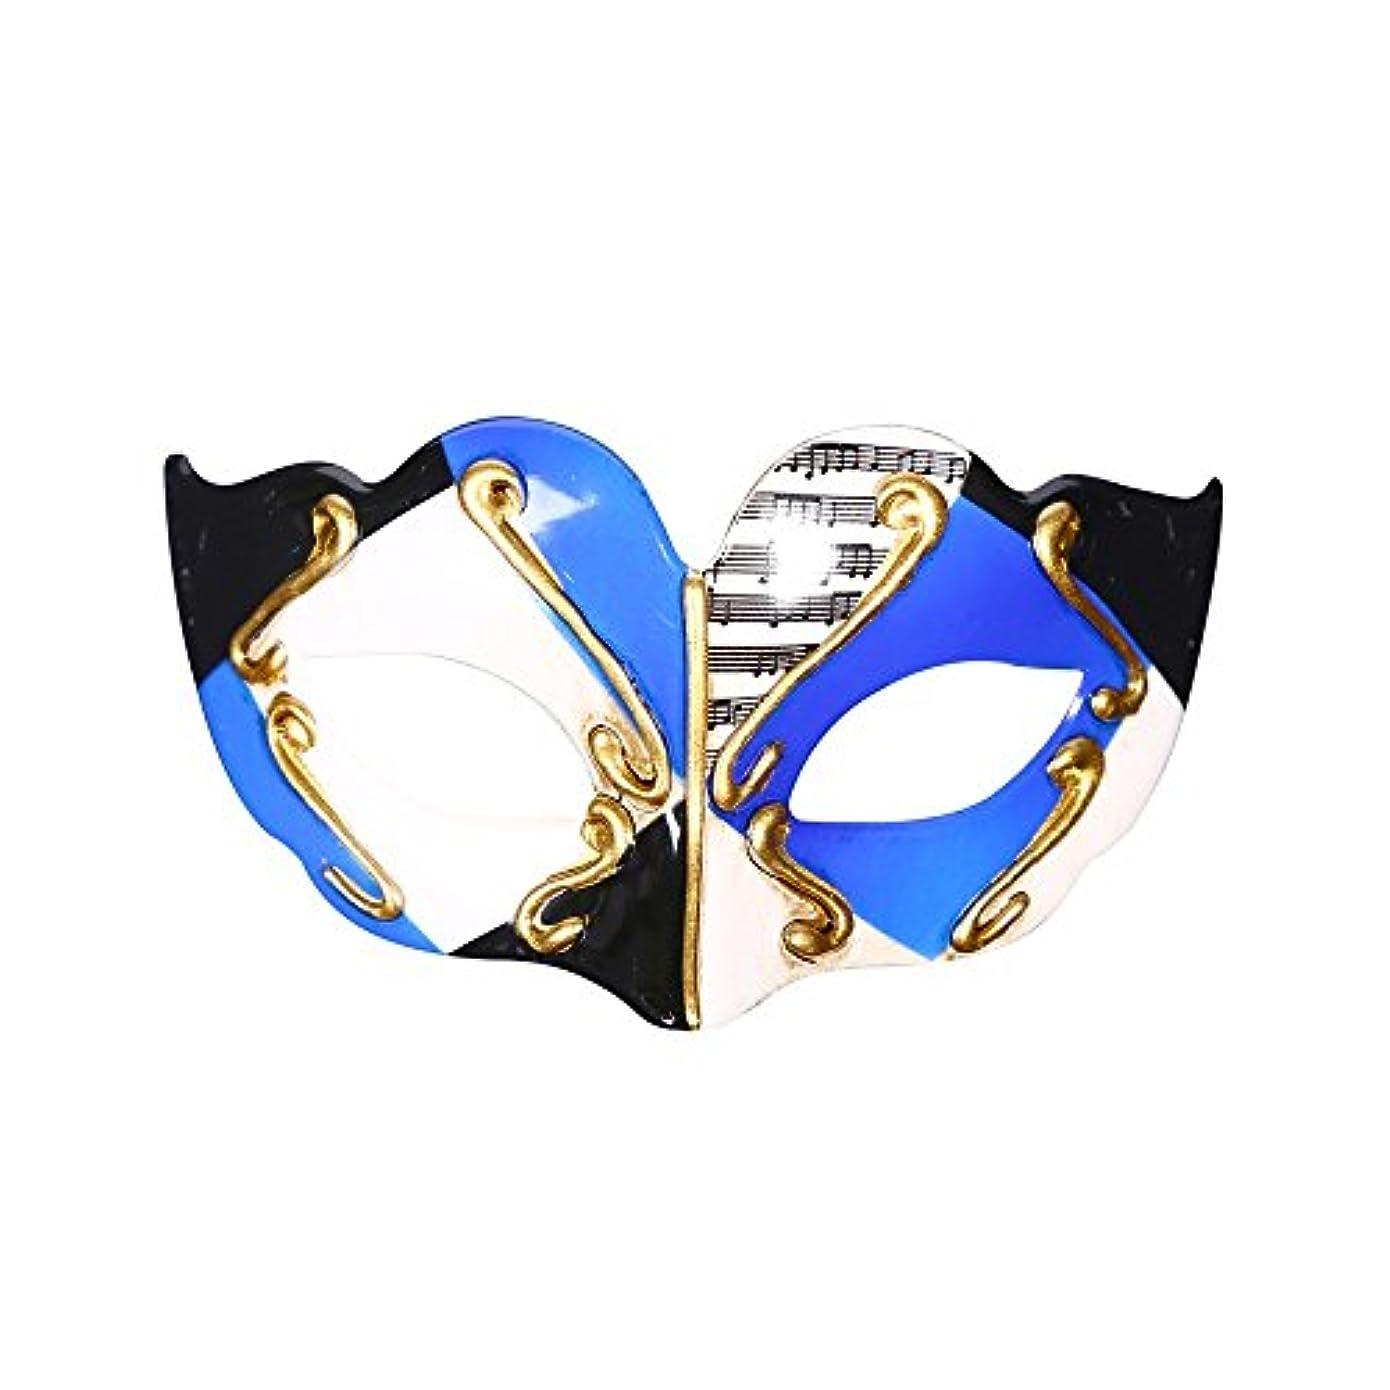 ショップバンジョー発症ハロウィーン仮面舞踏会マスクフラットヘッド半顔ハードプラスチック子供のマスク (Color : A)